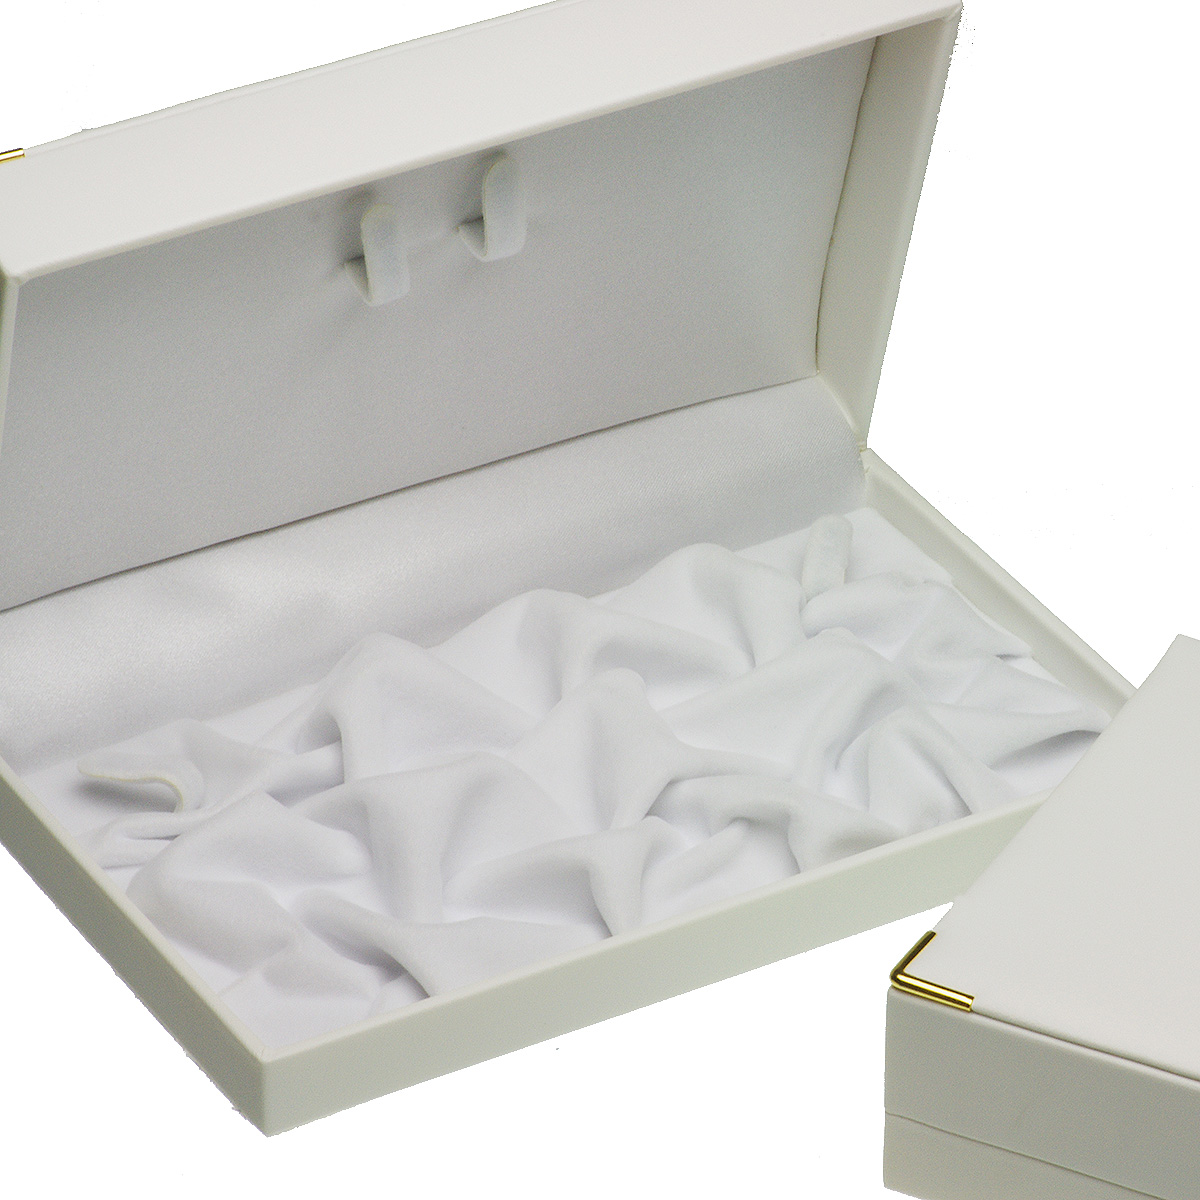 ジュエリーケース ネックレス用 ホワイト フォーマル カジュアルの写真